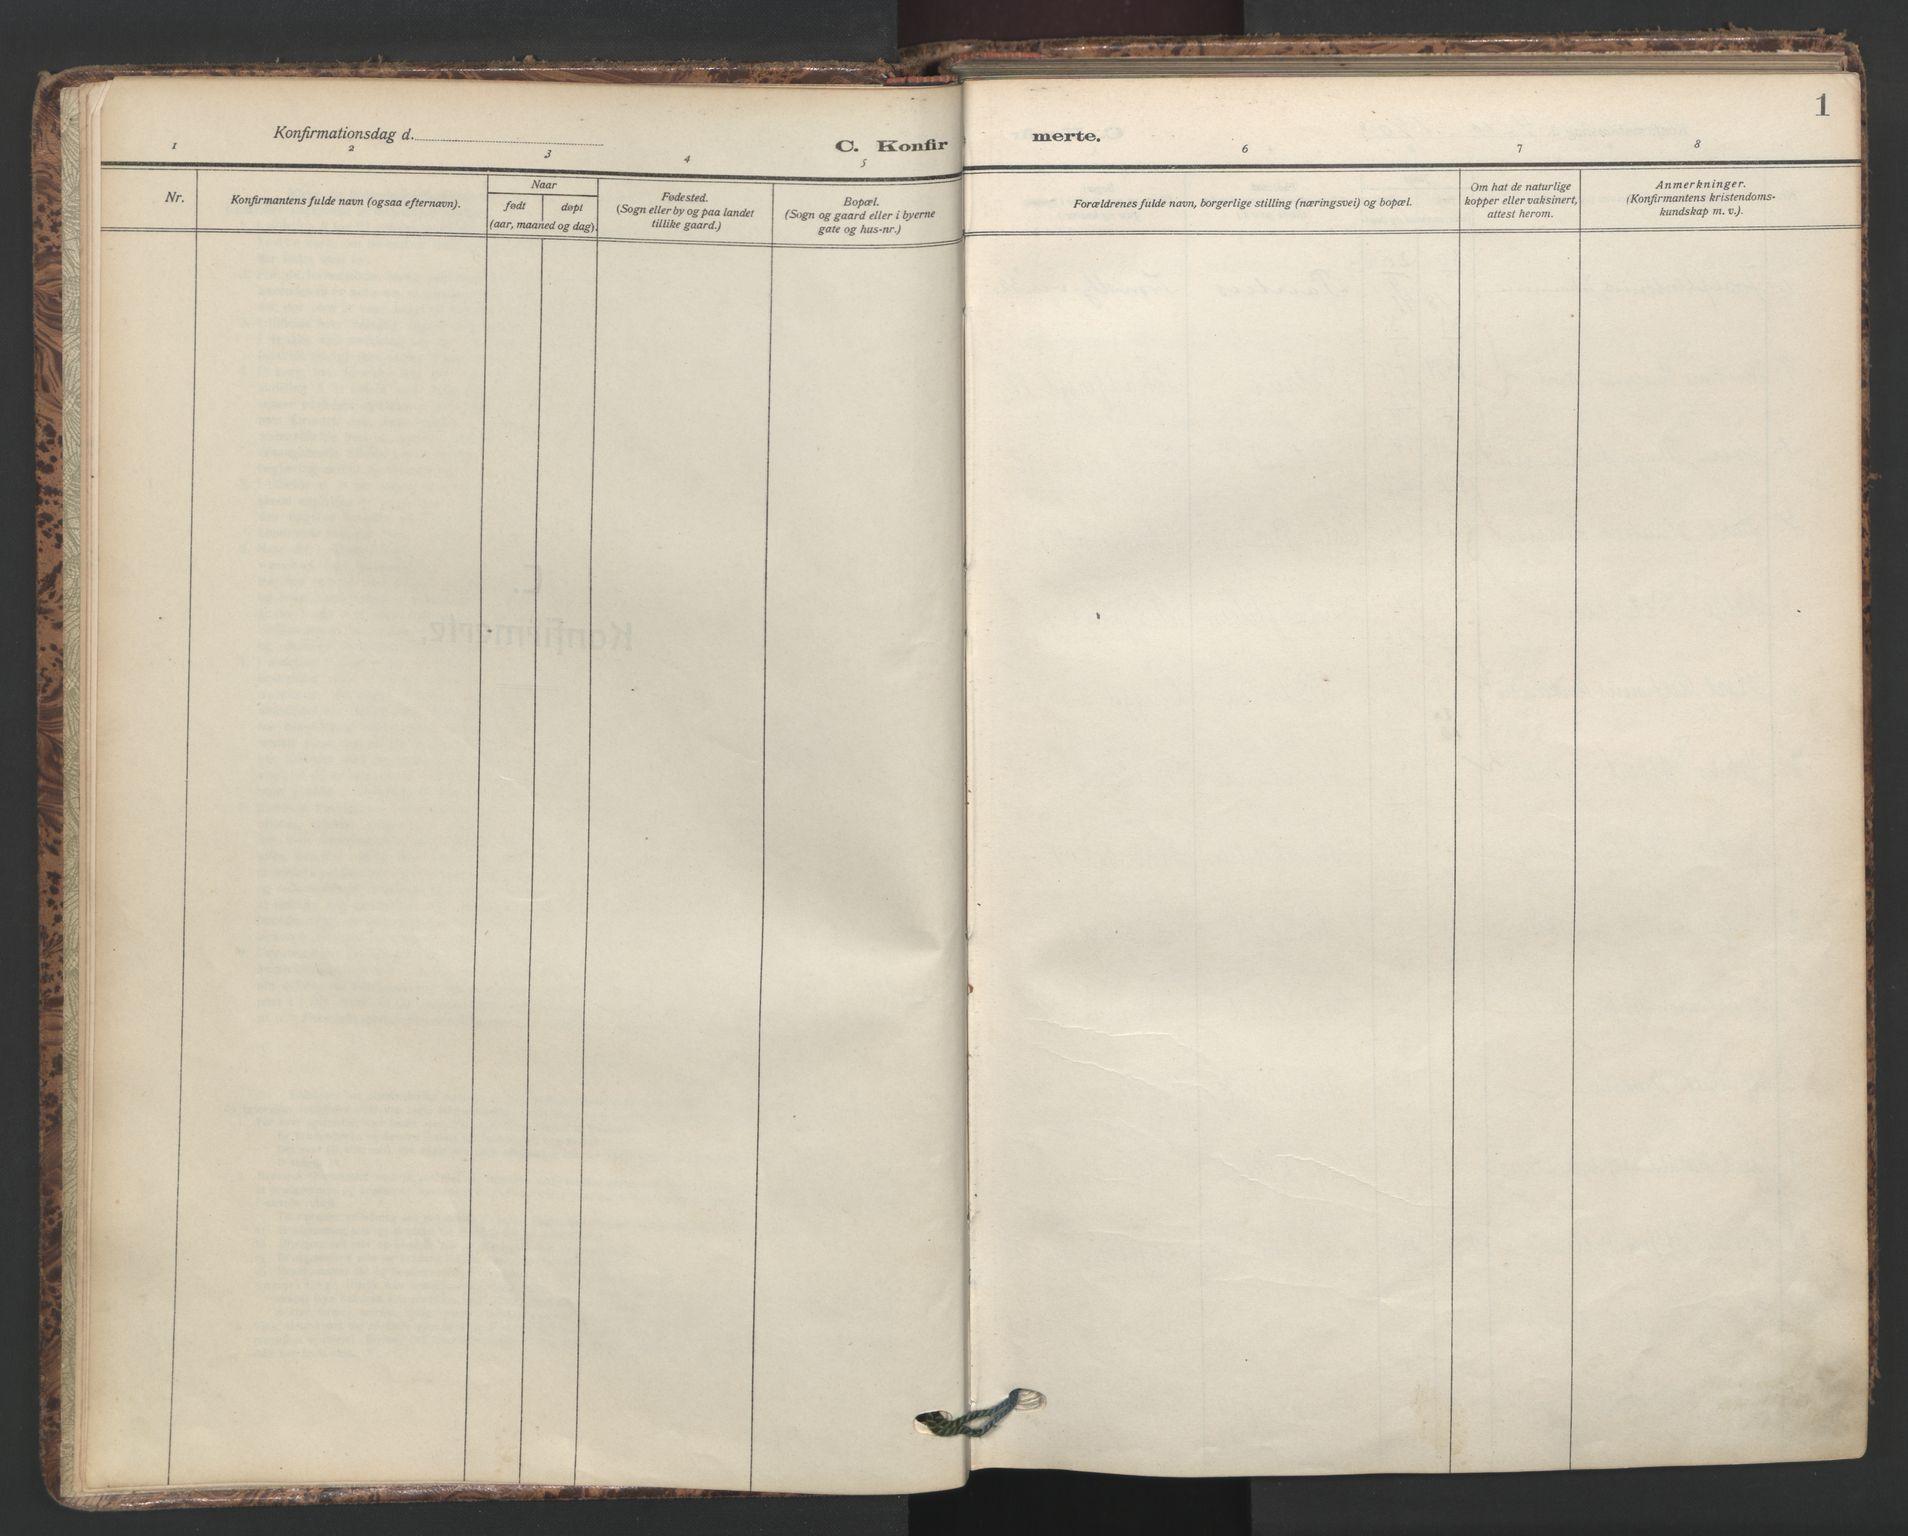 SAO, Petrus prestekontor Kirkebøker, F/Fa/L0011: Ministerialbok nr. 11, 1908-1922, s. 1